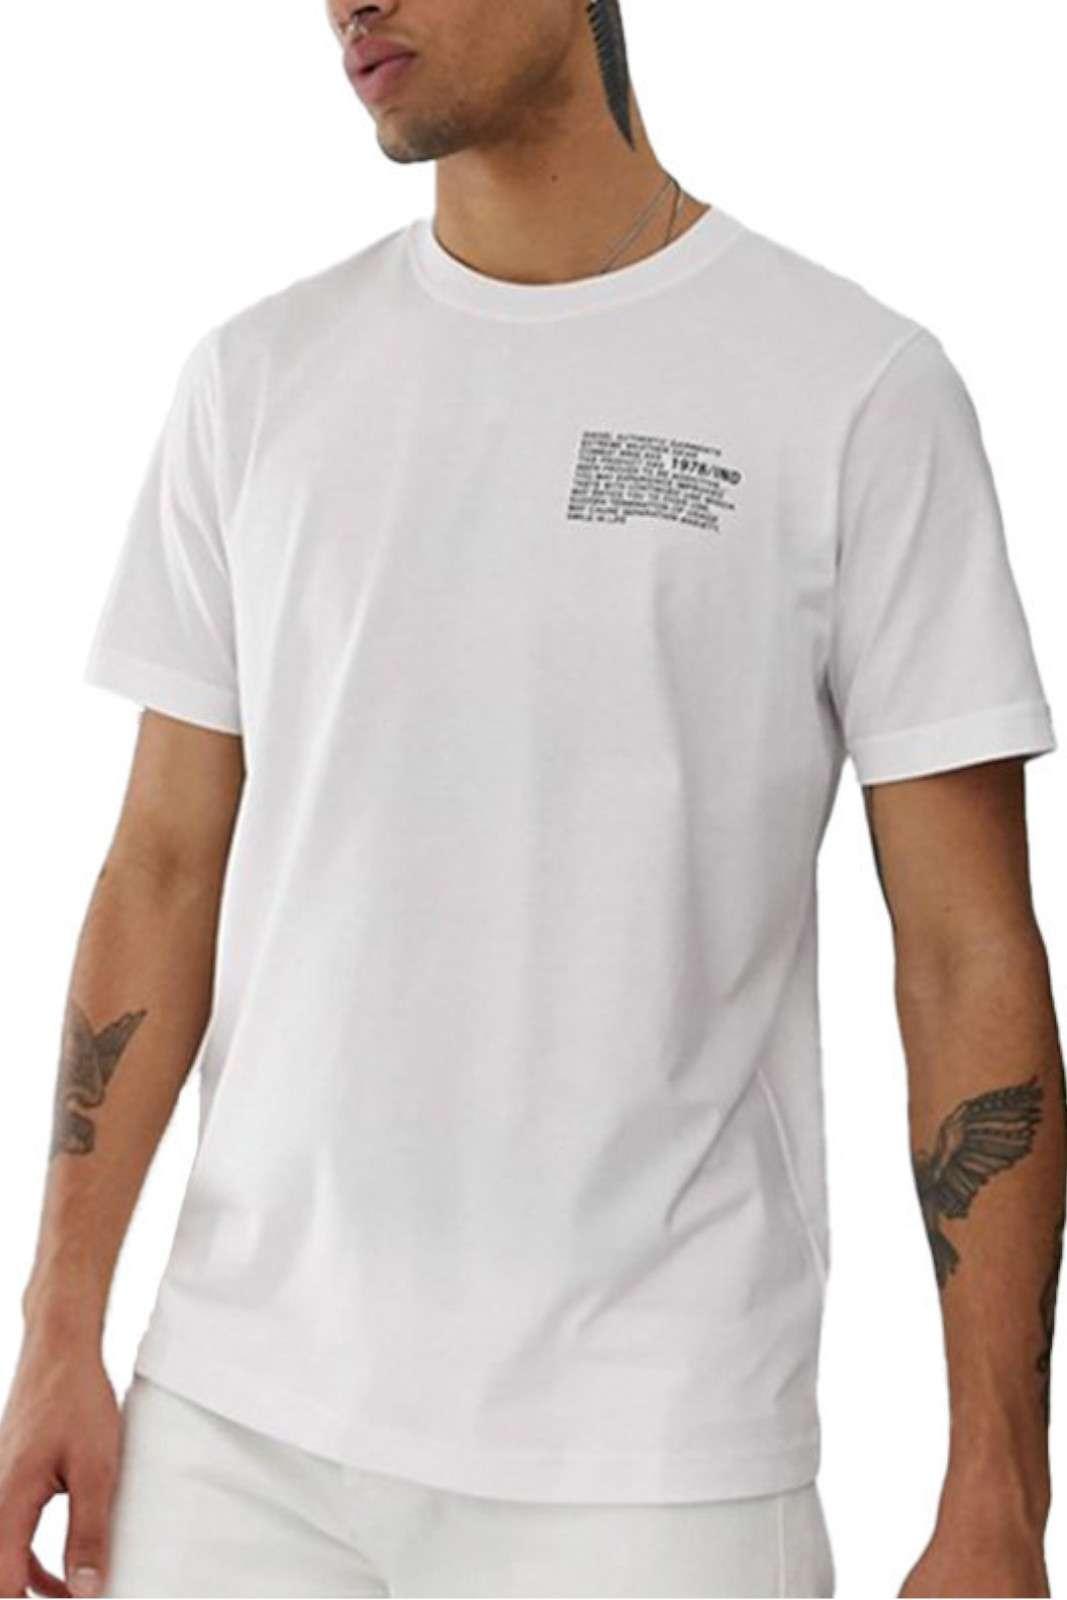 Una t shirt semplice quella proposta dalla collezione Diesel. Da indossare nelle calde giornate estive o nelle giornate quotidiane. Abbinata ad un bermuda o un jeans è perfetta.